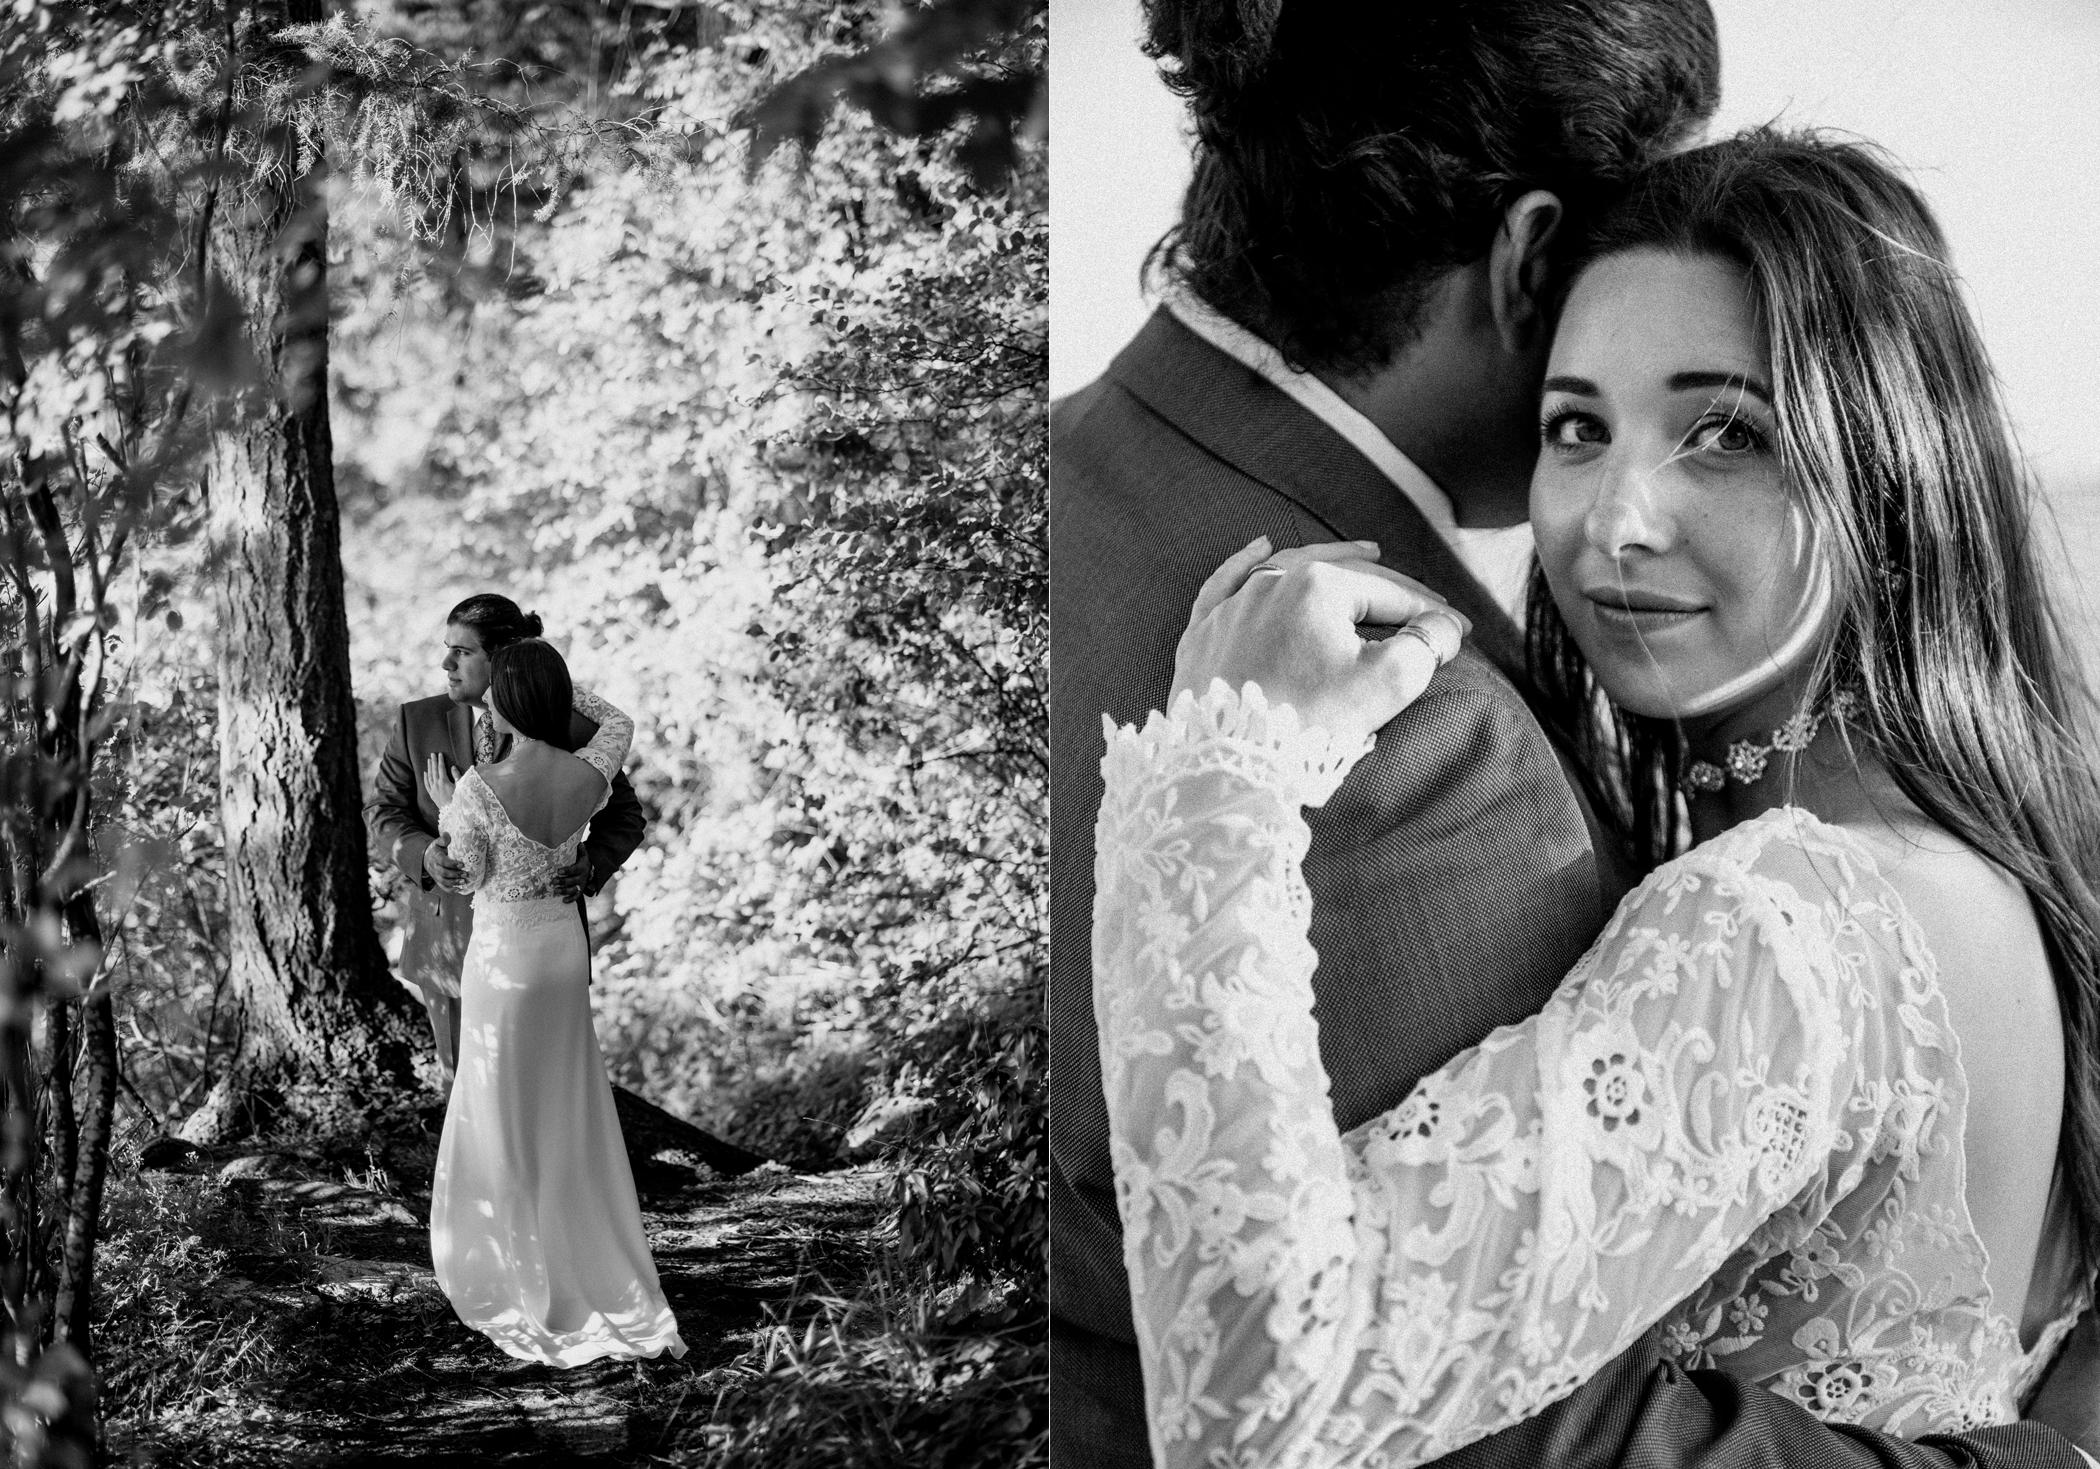 070-kaoverii-silva-LI-prewedding-vancouver-photography.png